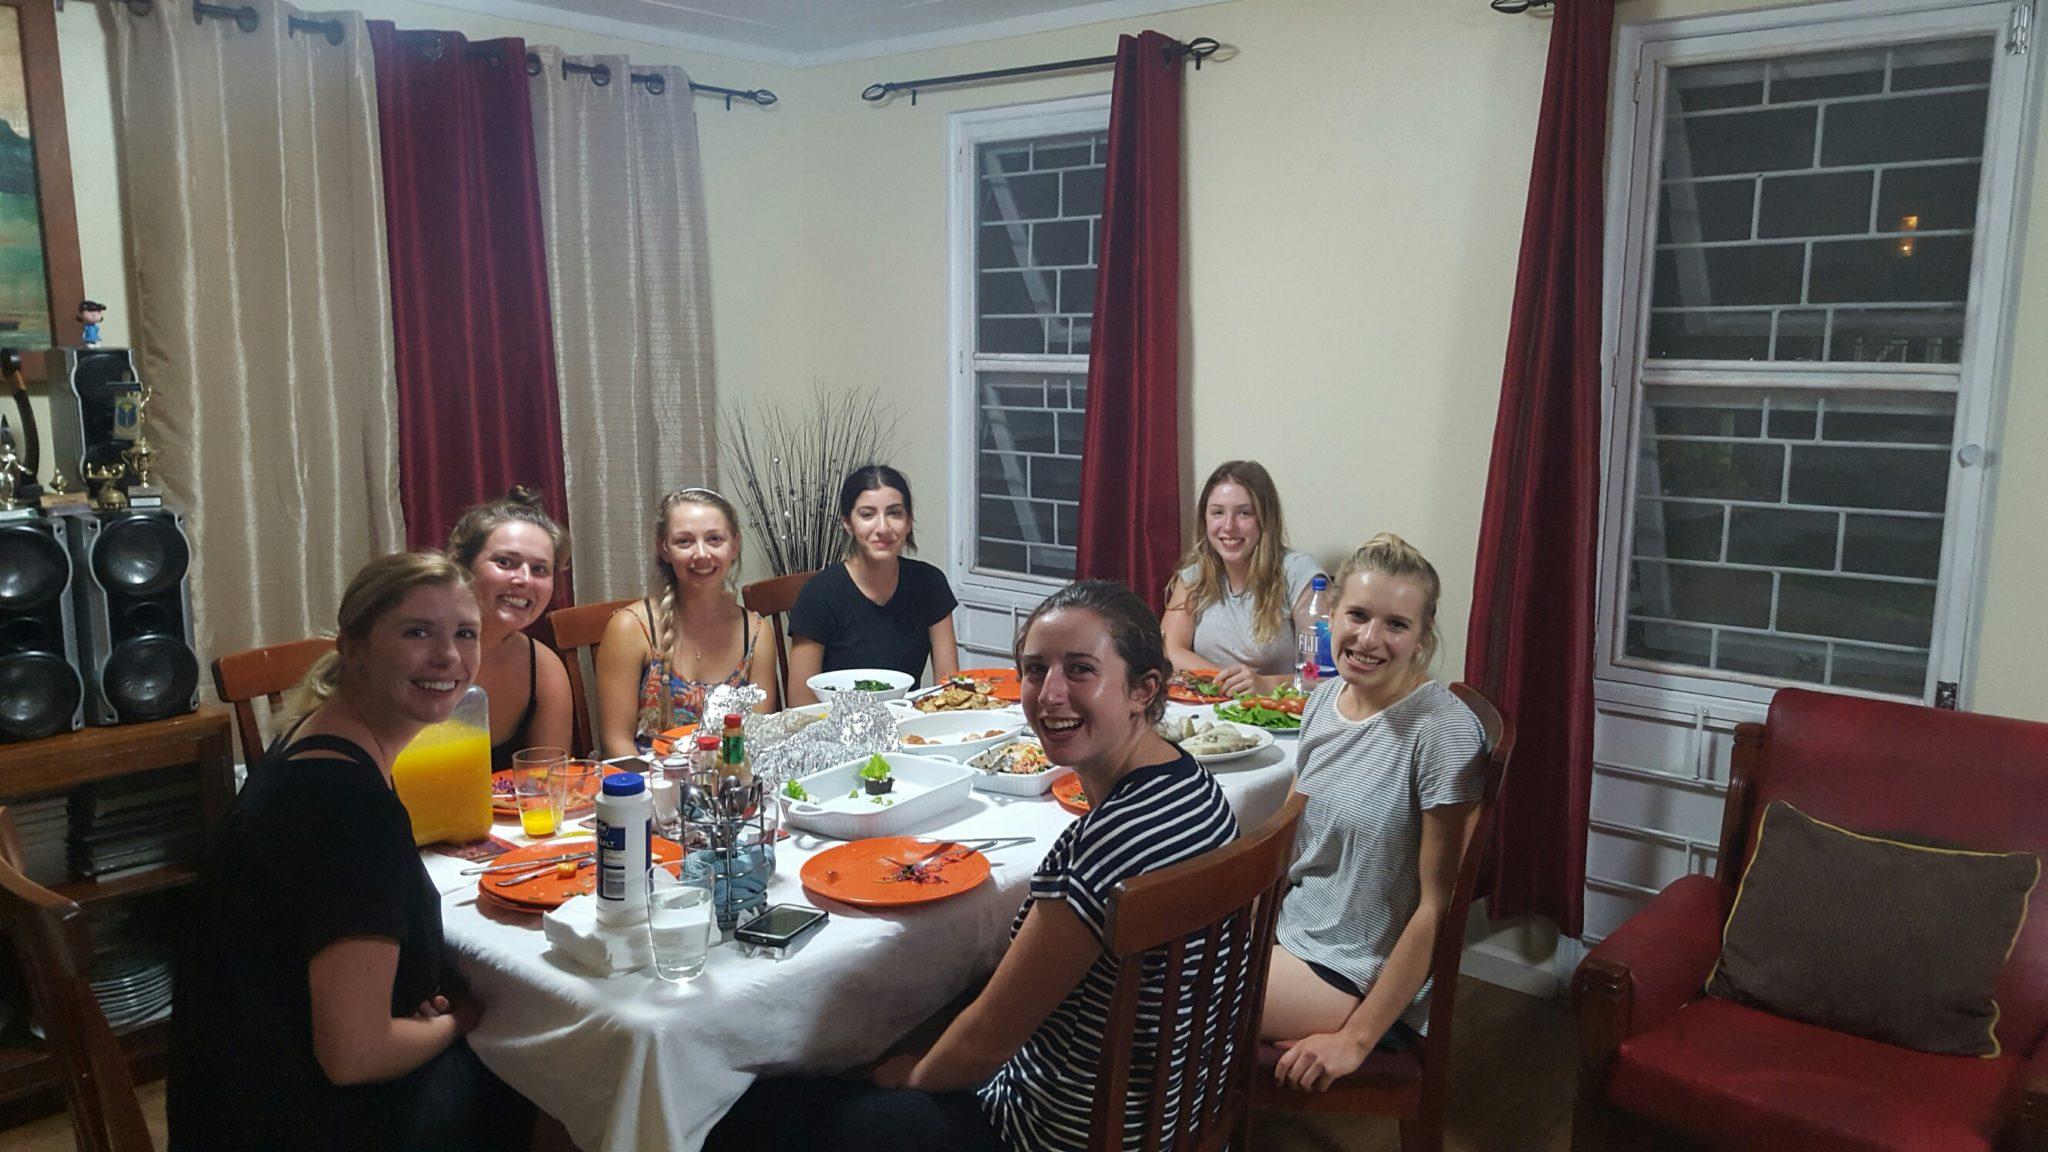 Volunteer dinner at Masi's